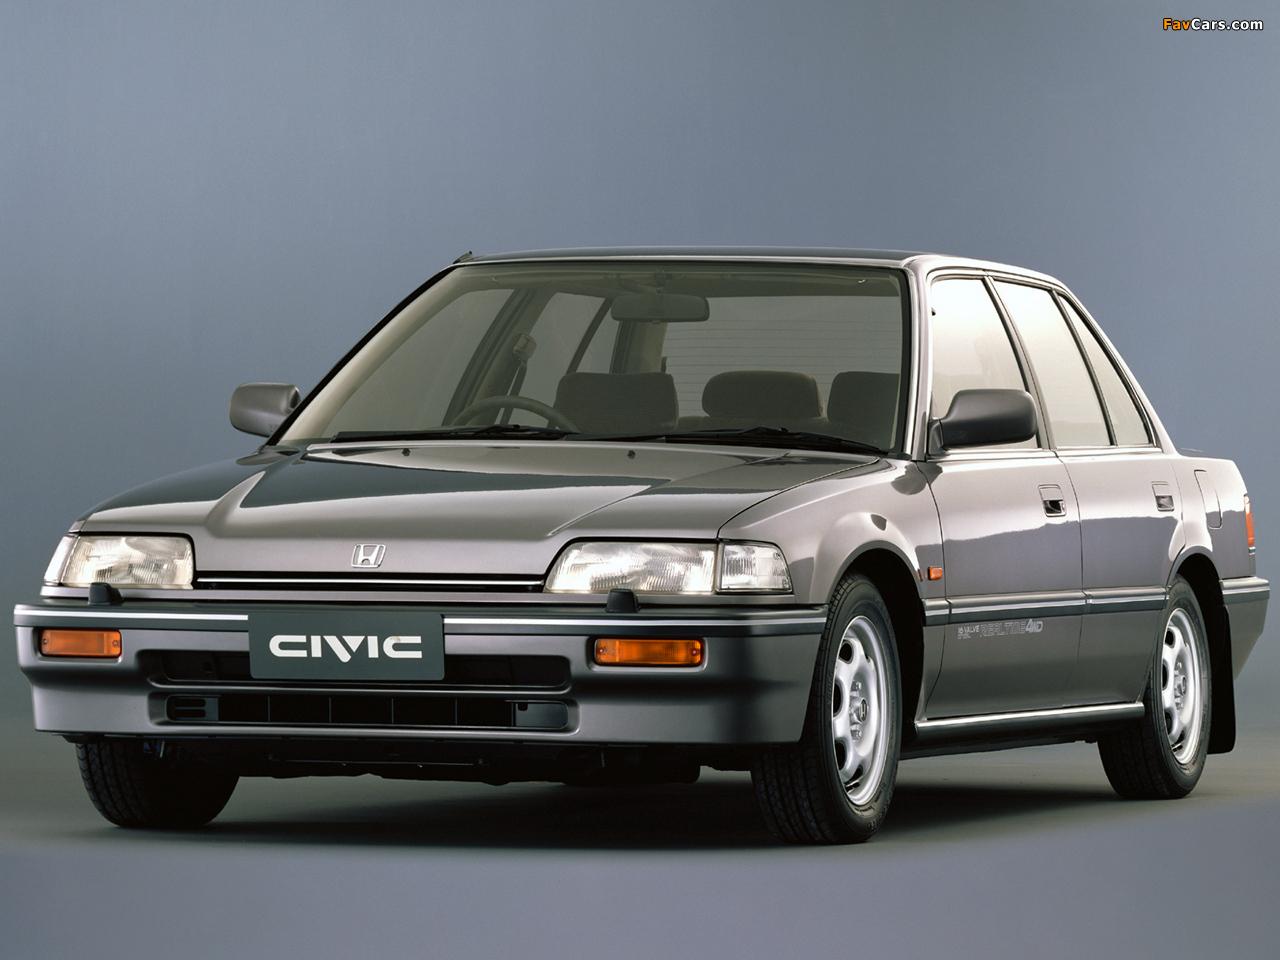 Honda civic sedan ef 1988 91 wallpapers 1280x960 for Honda civic 1988